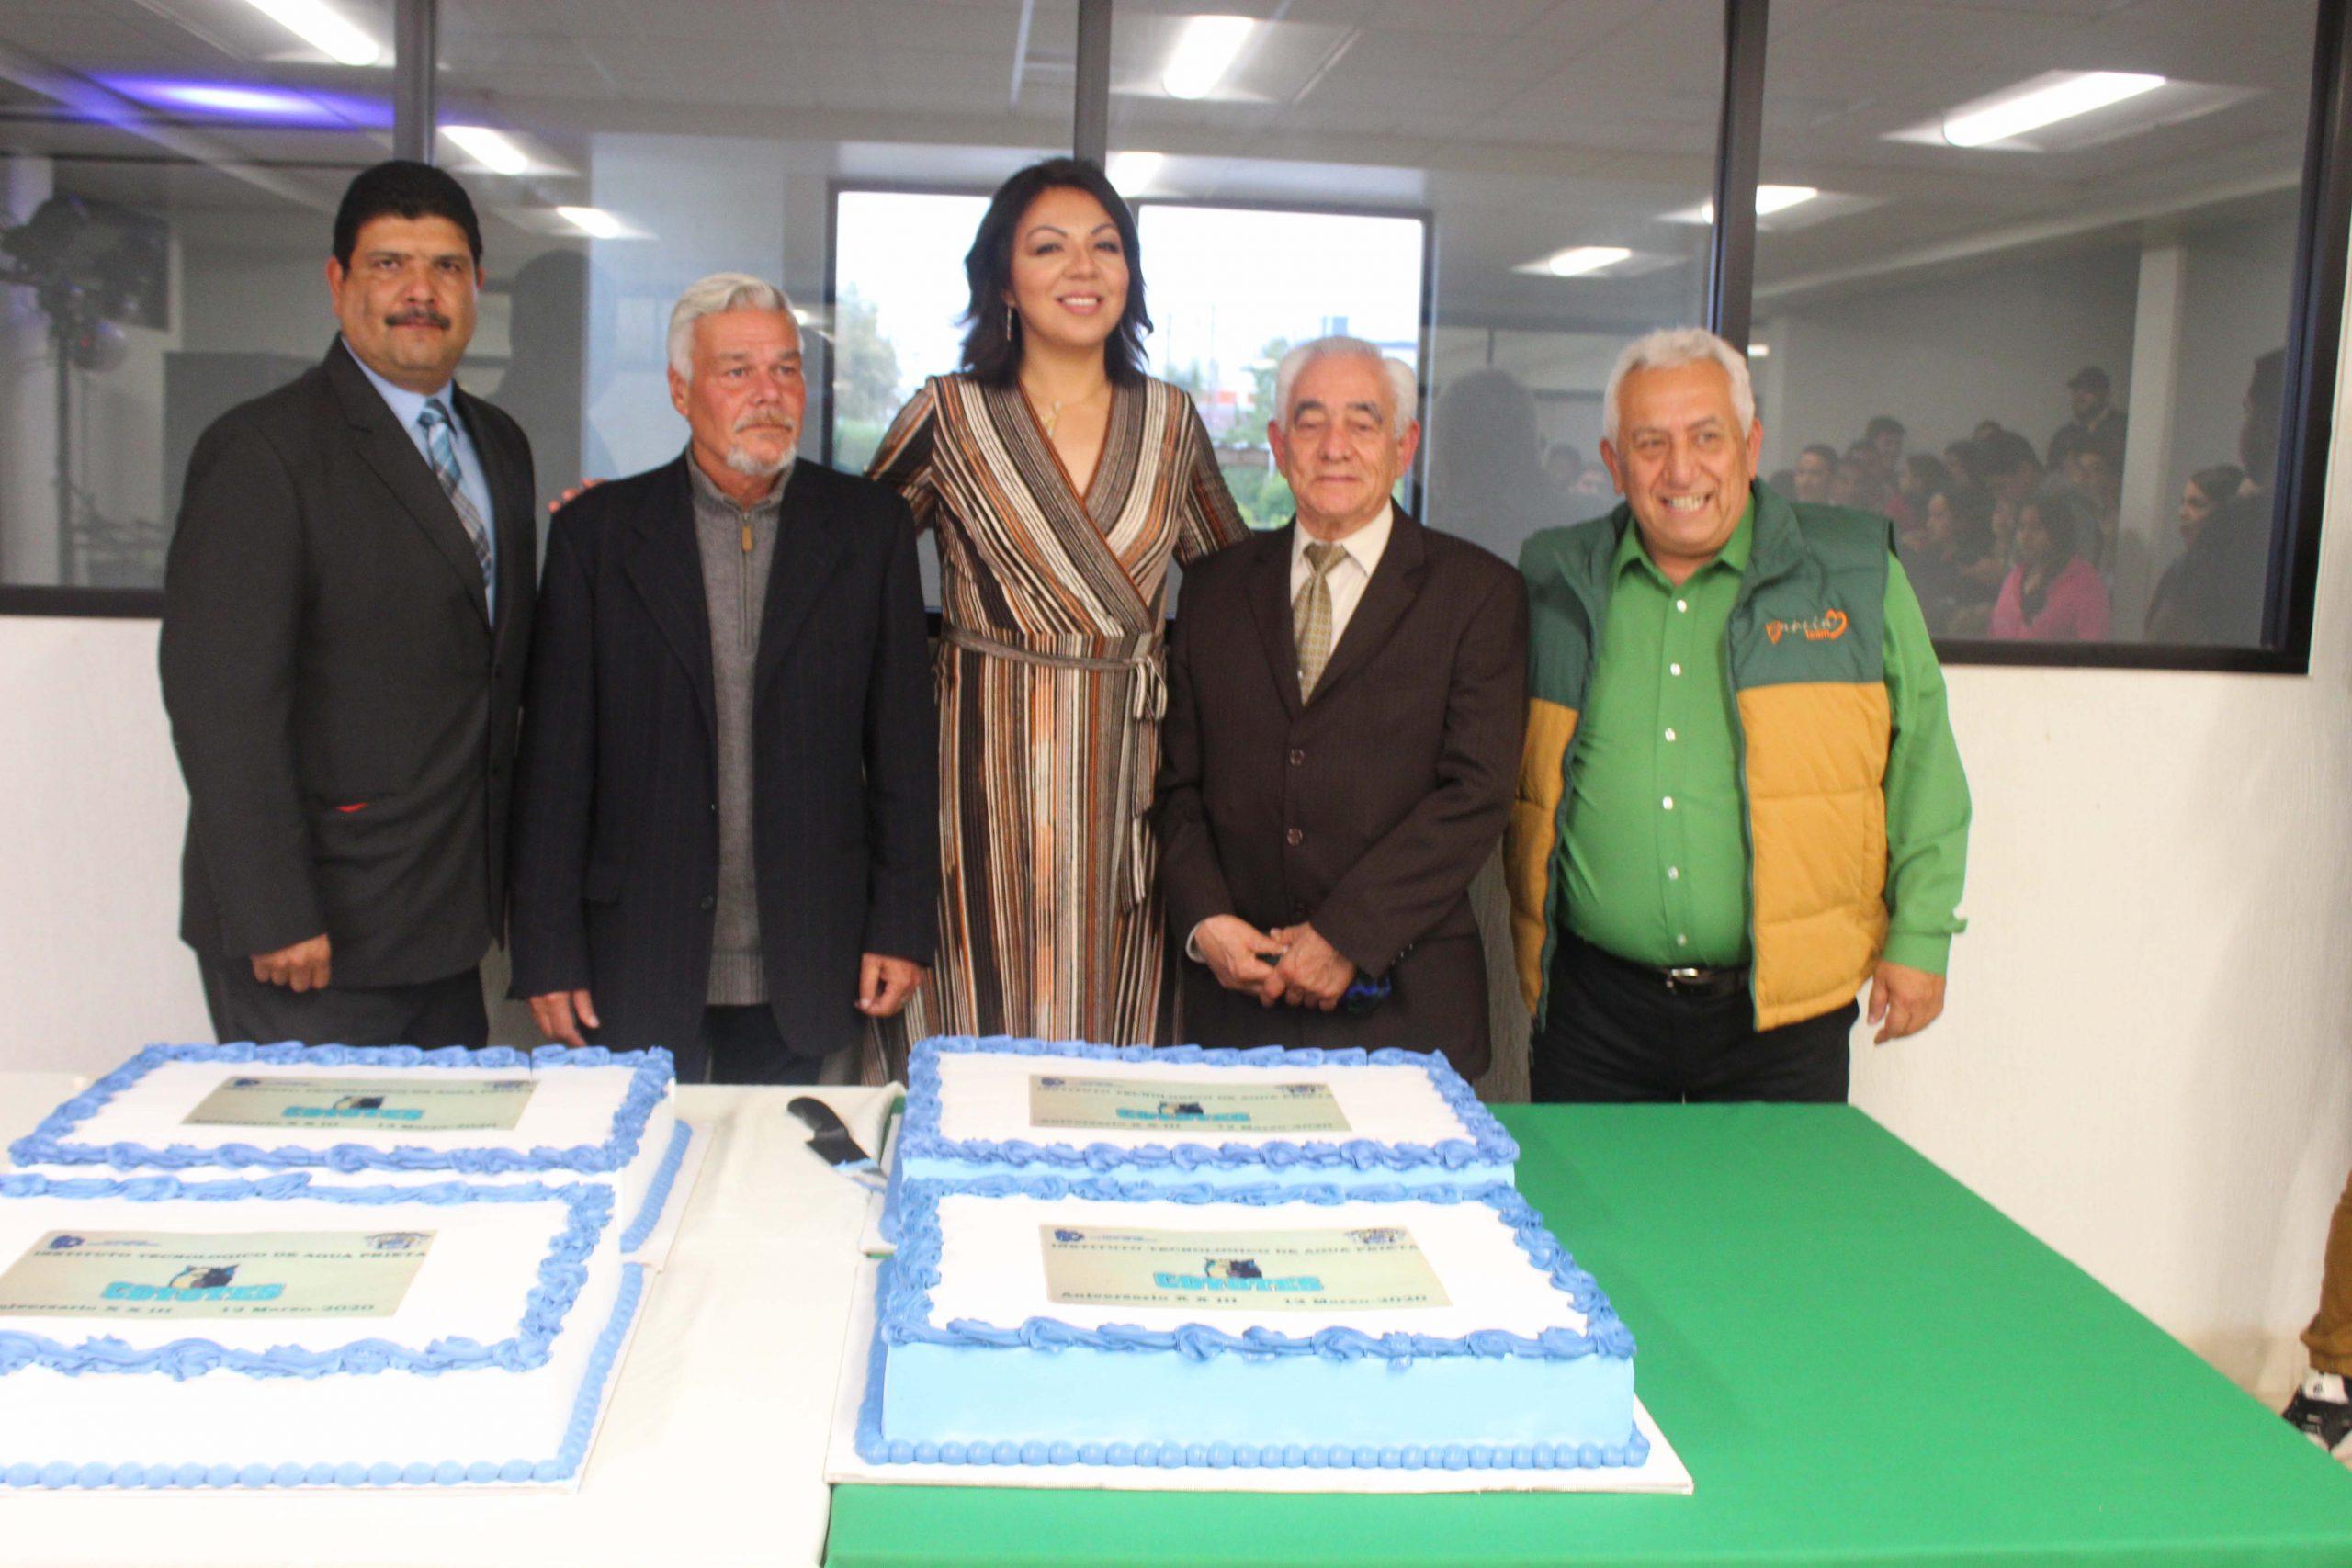 Ceremonia y convivio en el marco del XXIII Aniversario del TecNM Campus Agua Prieta